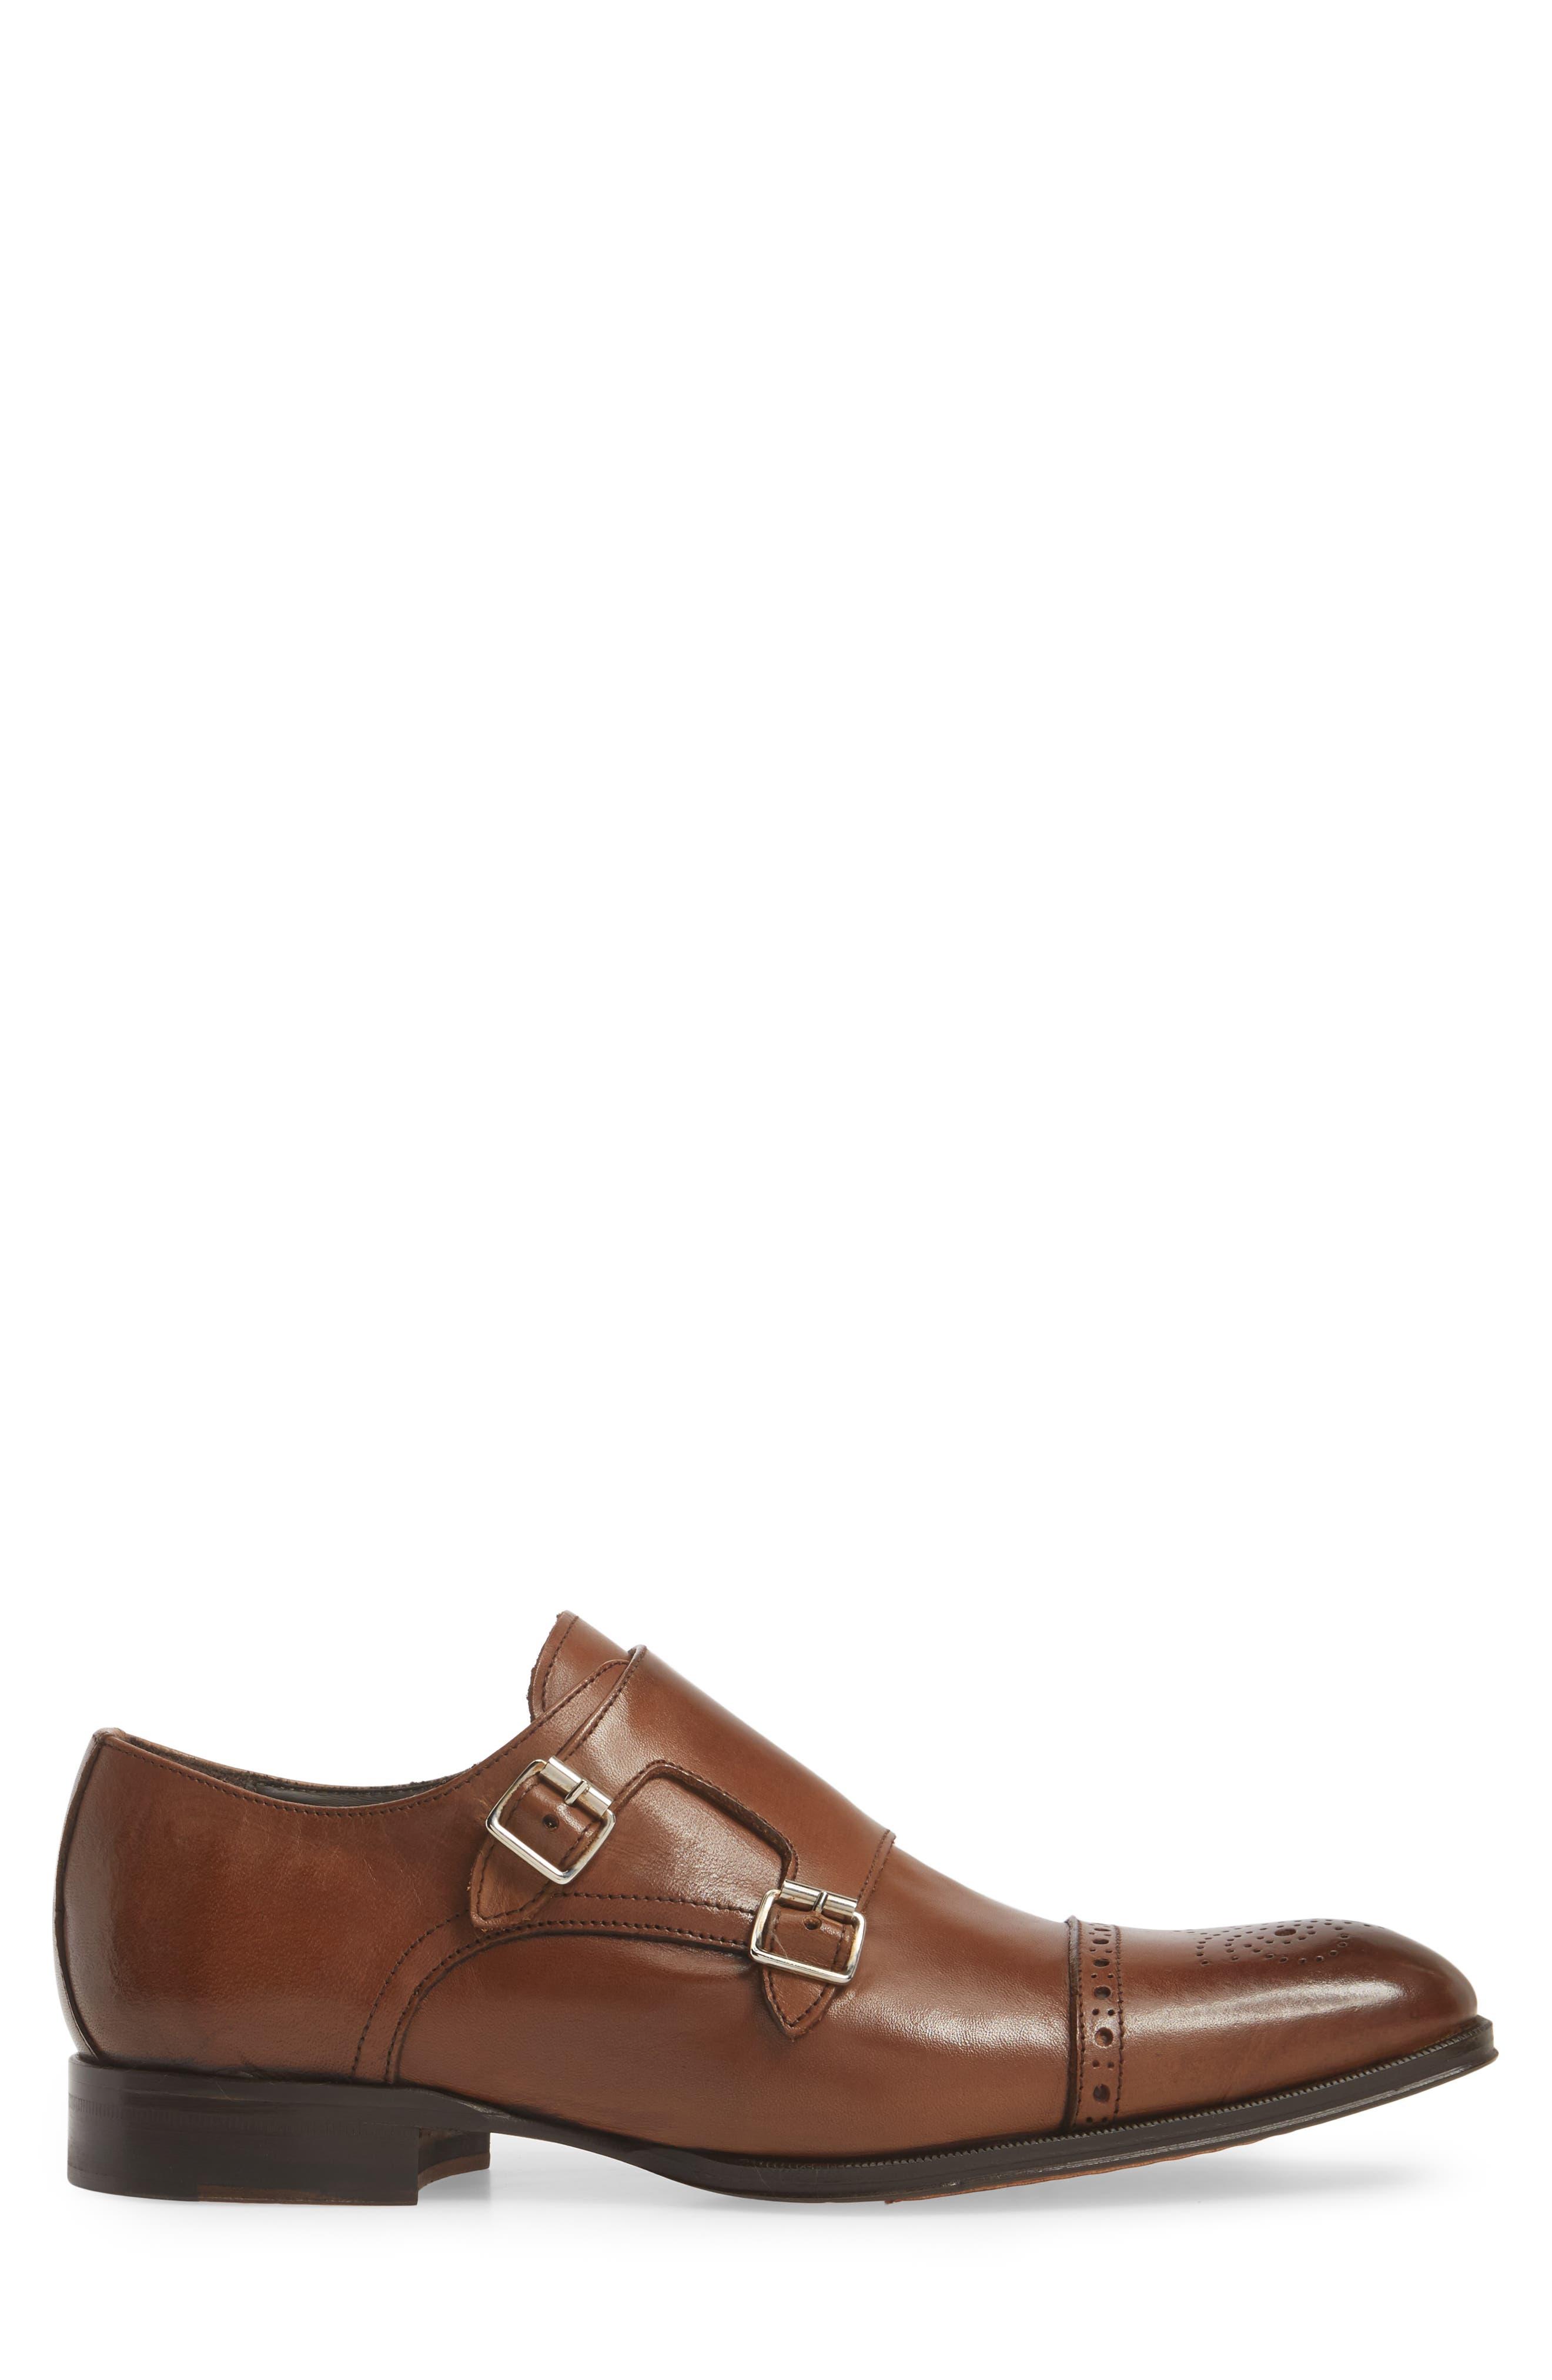 Dreyfus Cap Toe Monk Shoe,                             Alternate thumbnail 3, color,                             Brown